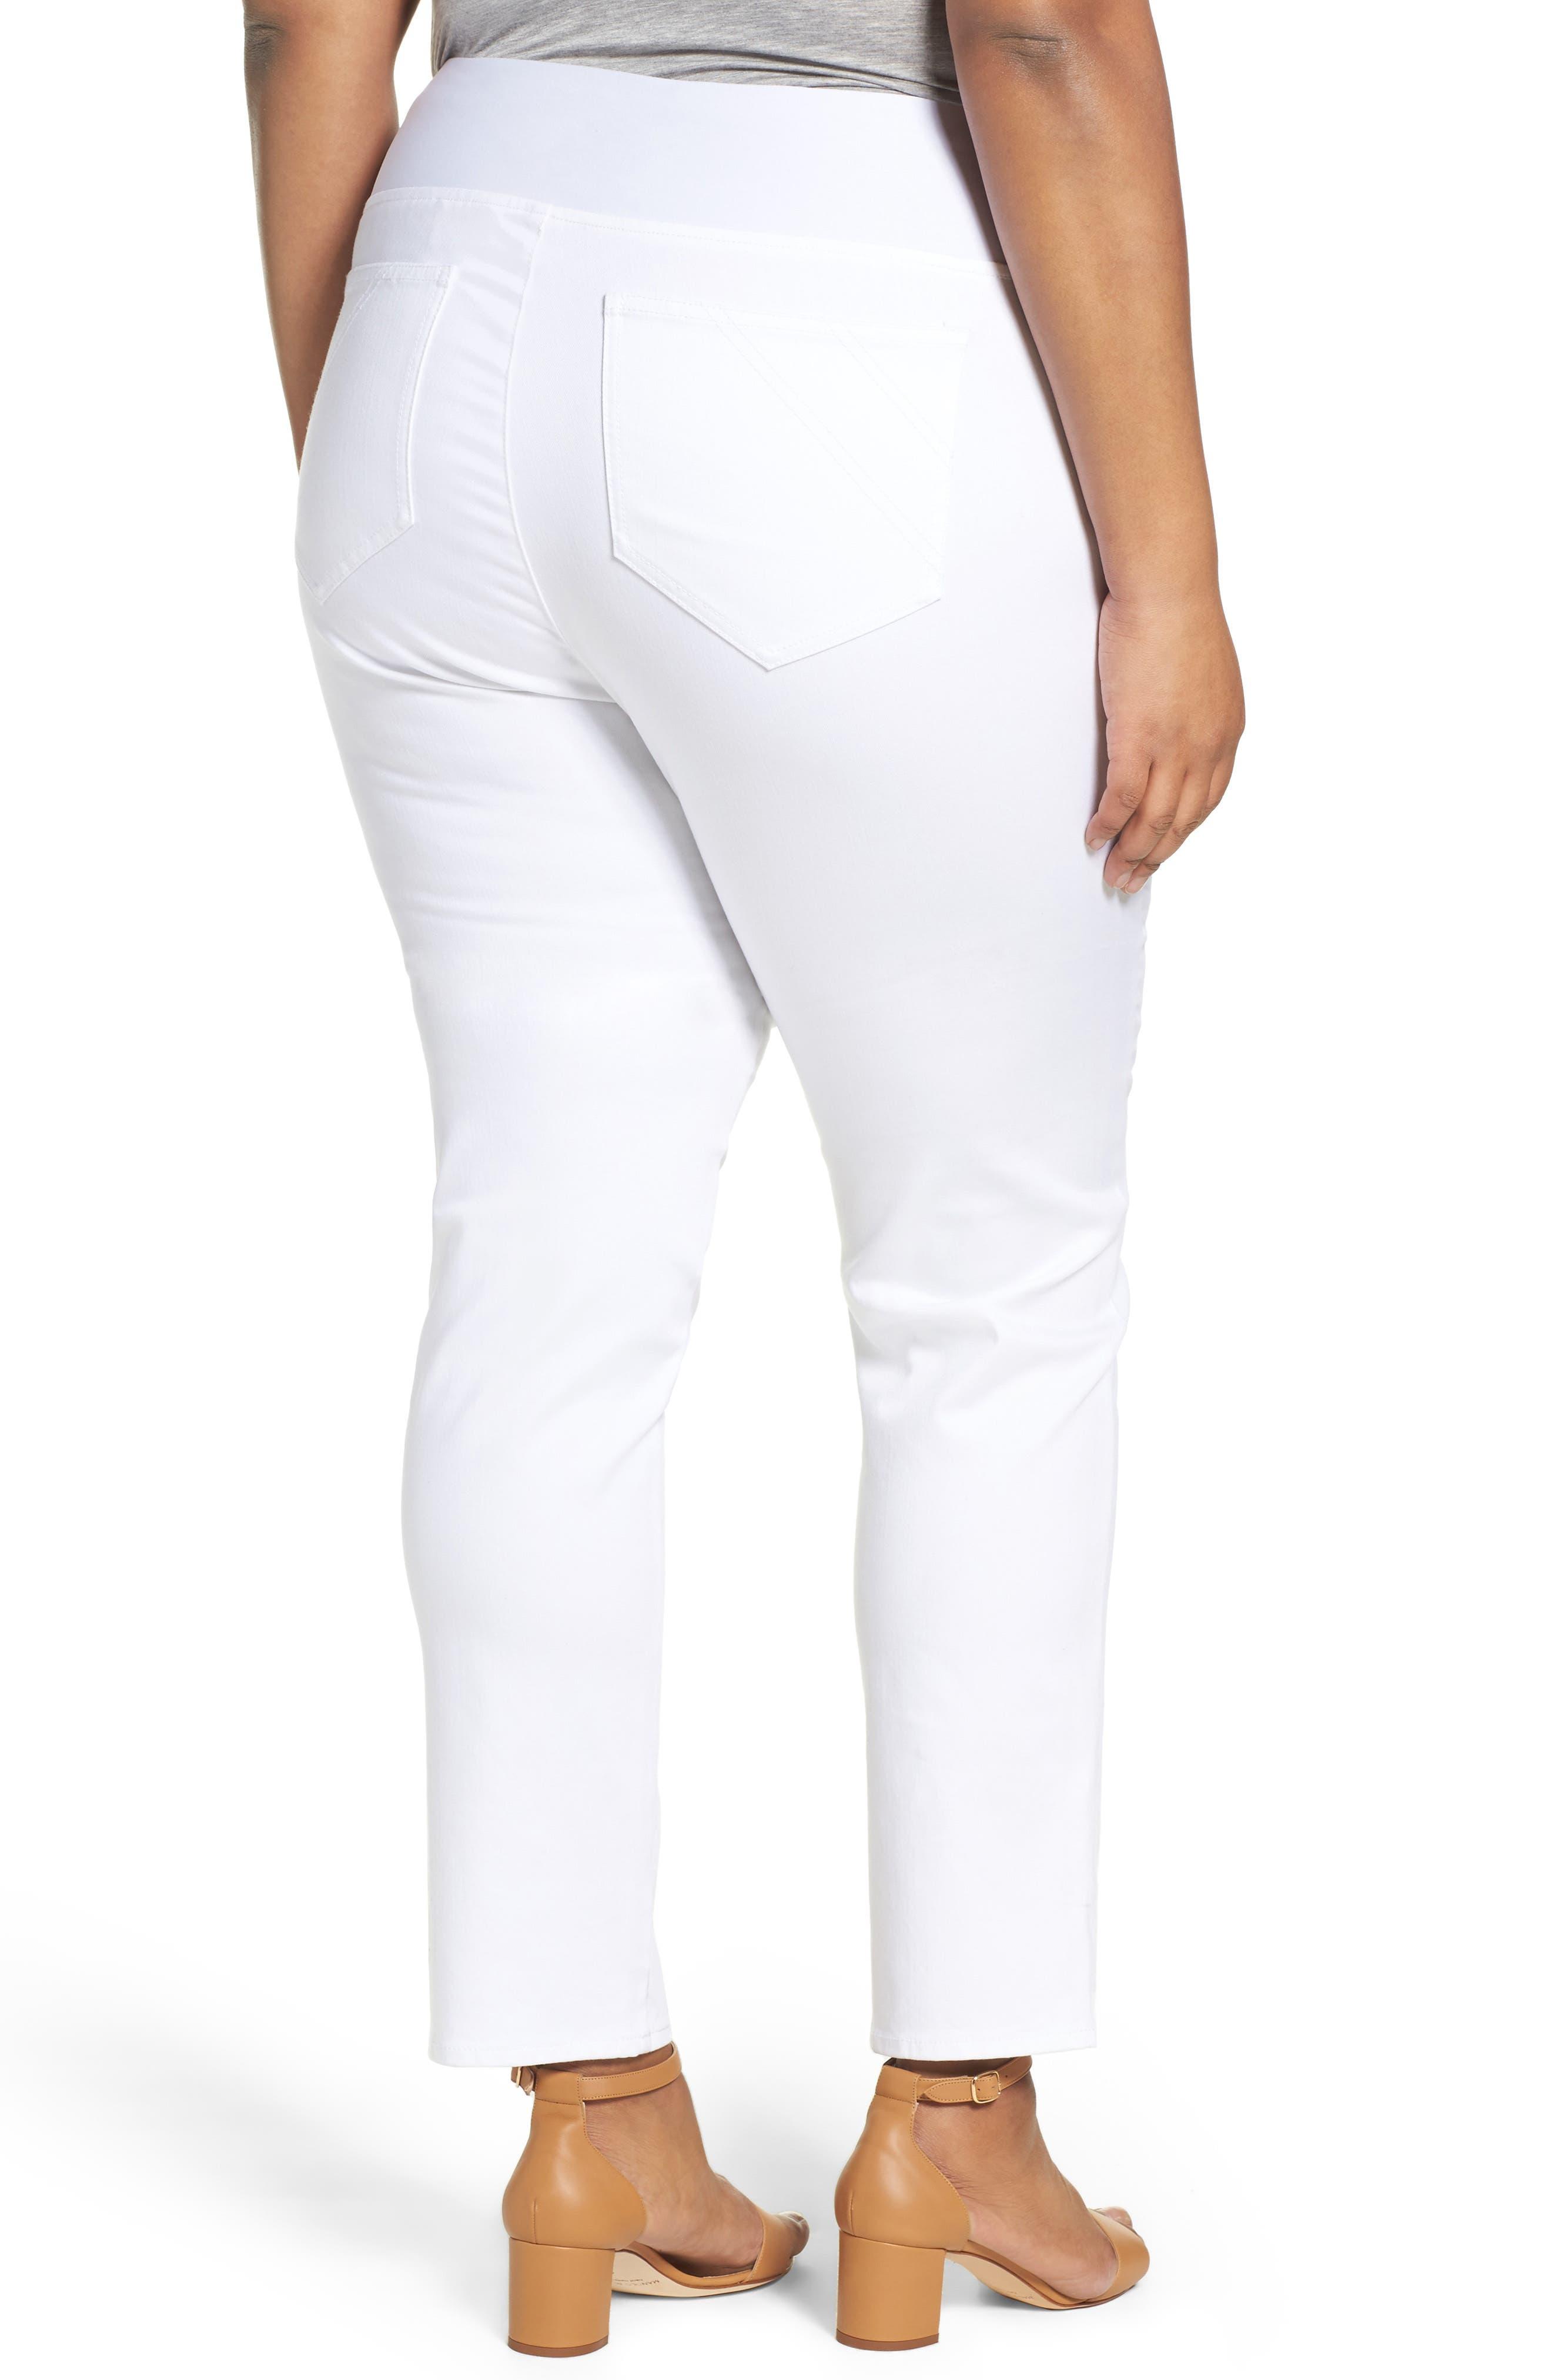 Nina Slimming Pull-On Legging Jeans,                             Alternate thumbnail 2, color,                             White